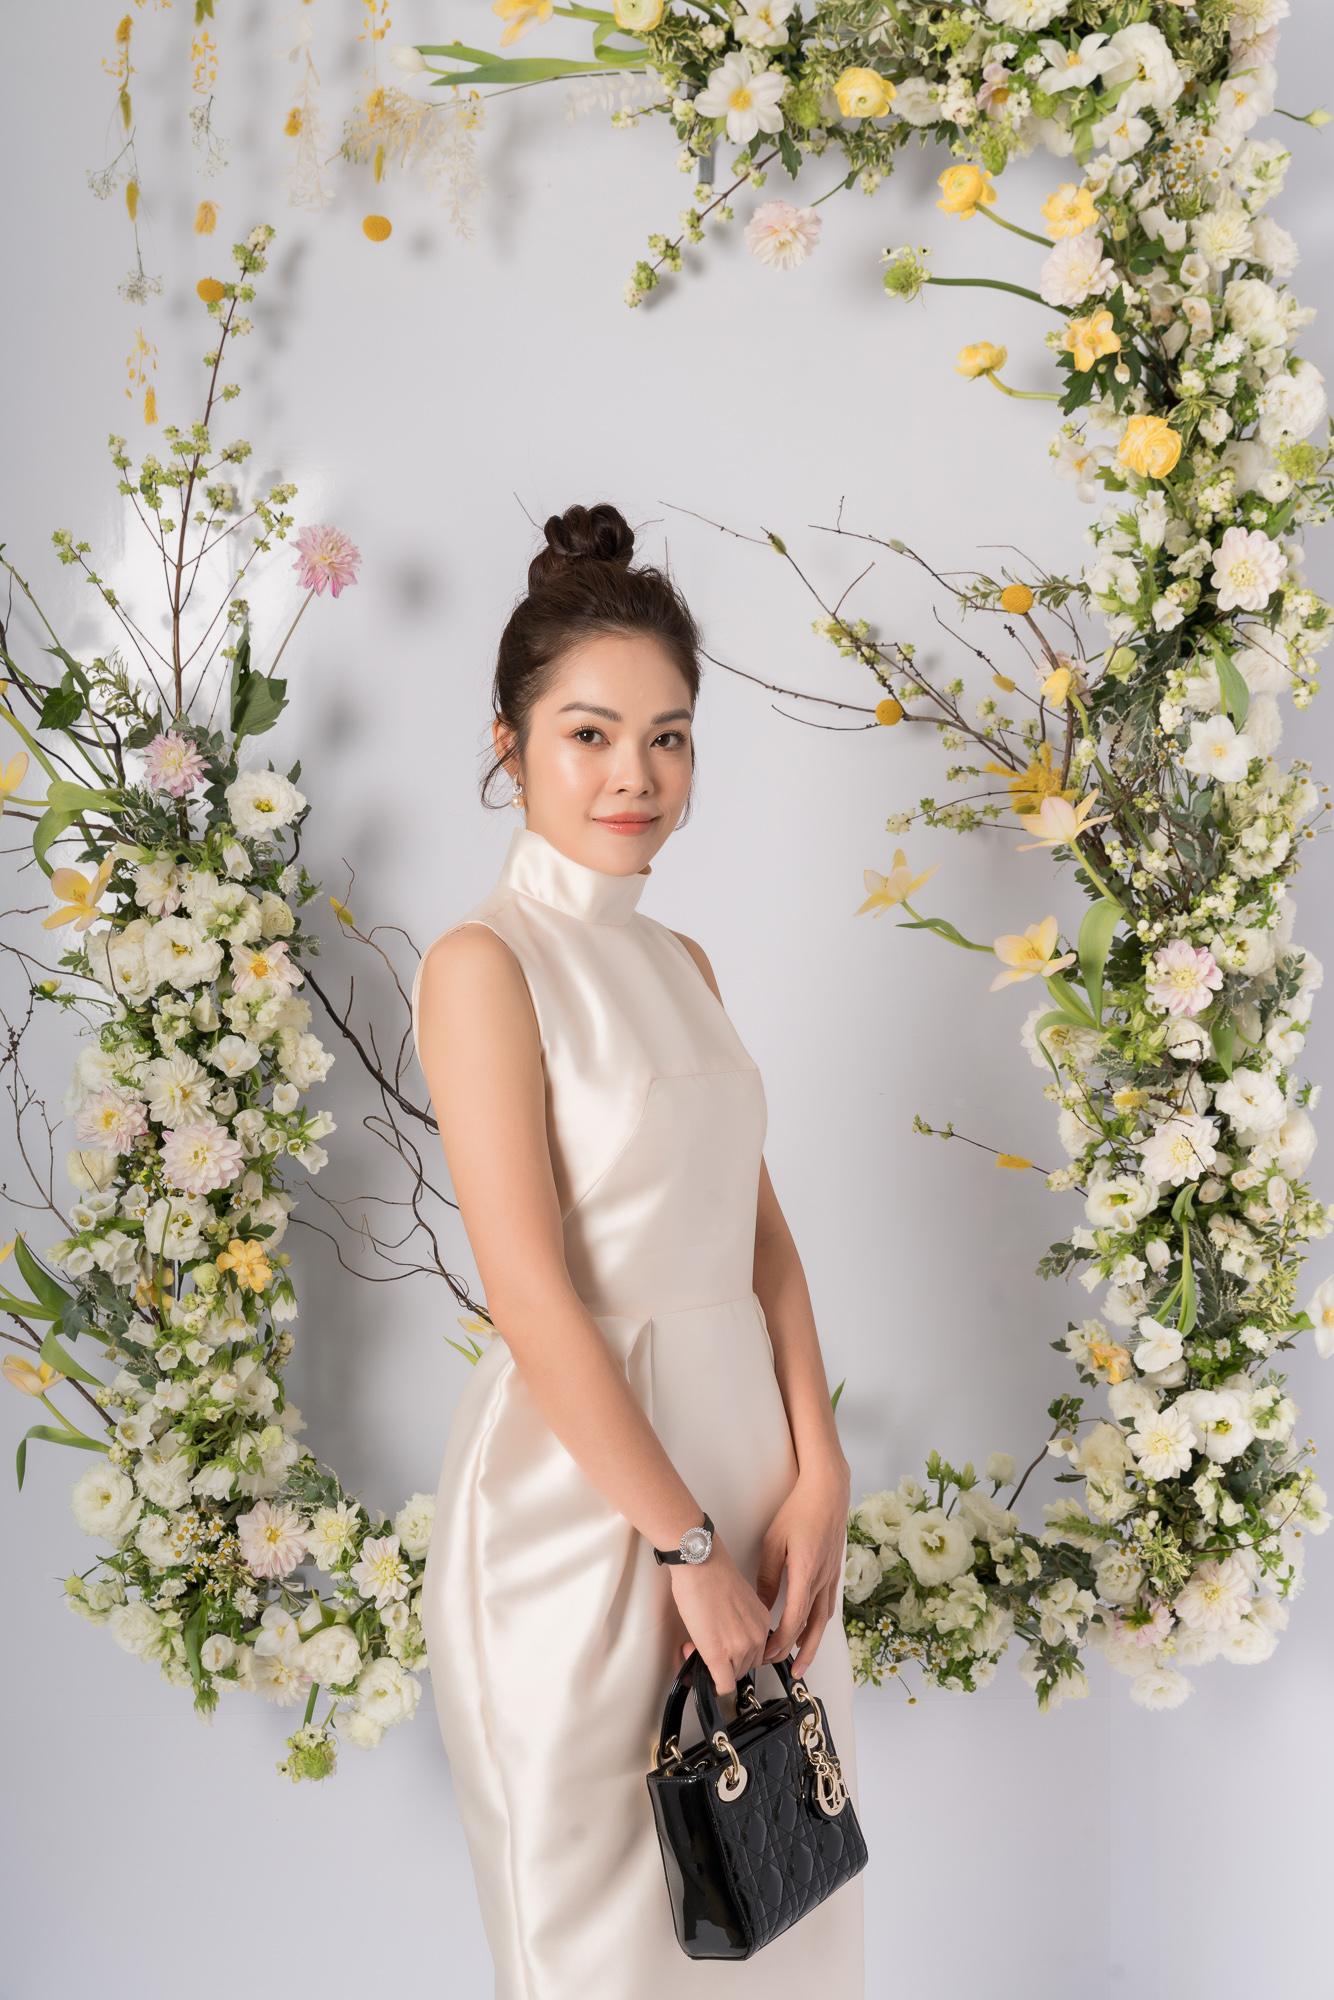 Nhã Phương, H'Hen Niê, Đỗ Mỹ Linh cùng khoe dáng với váy cưới - Ảnh 15